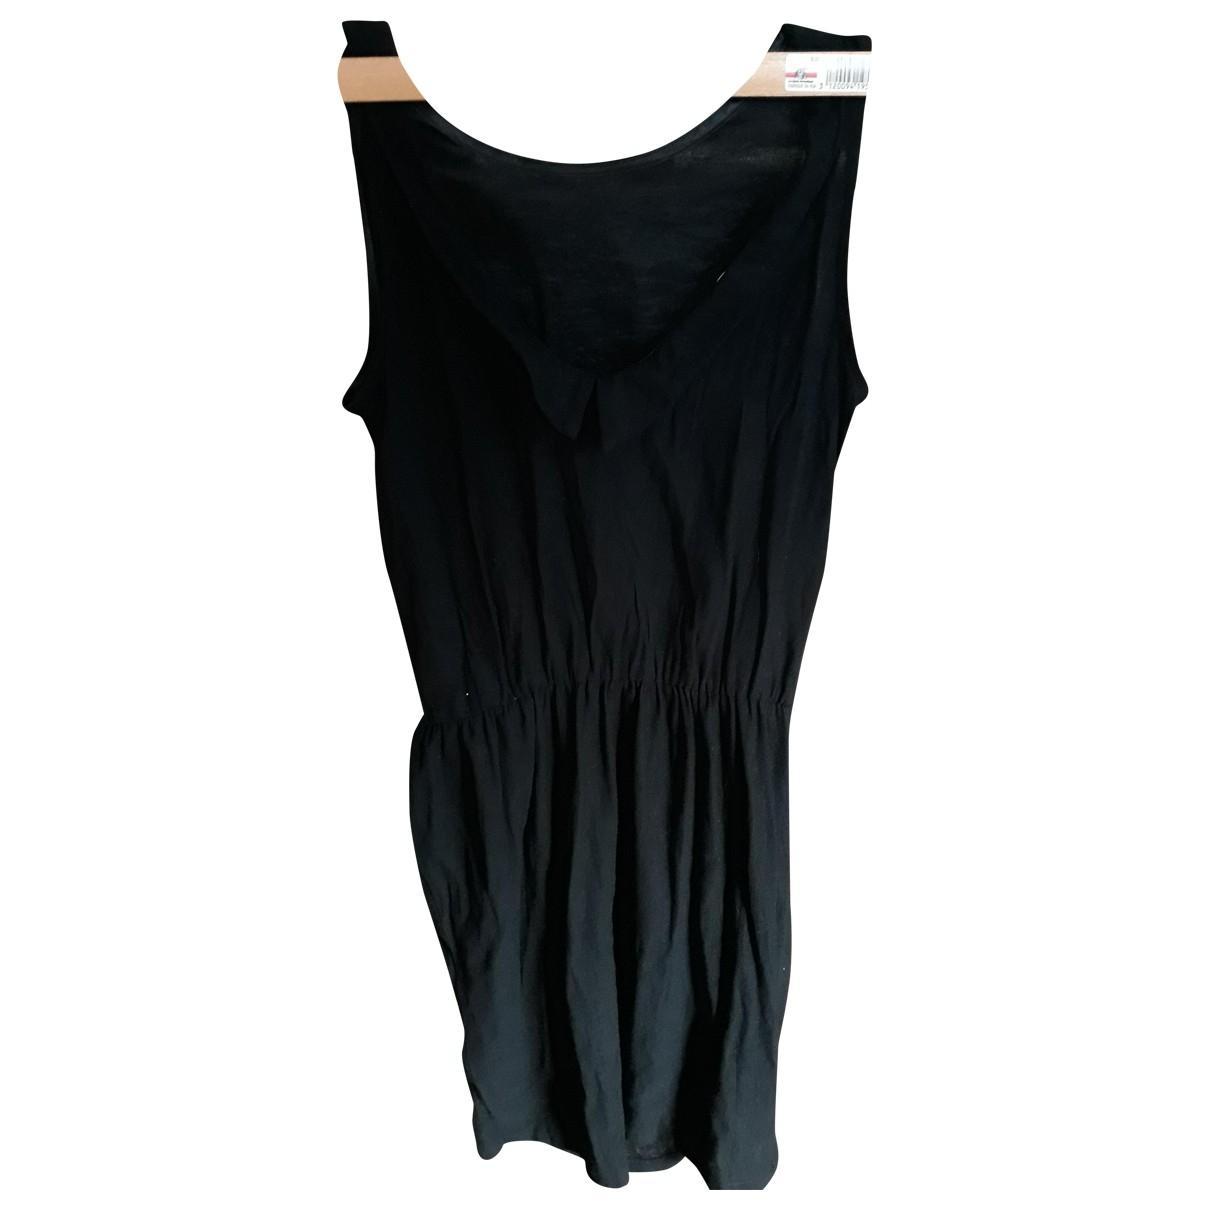 Sessun \N Kleid in  Schwarz Baumwolle